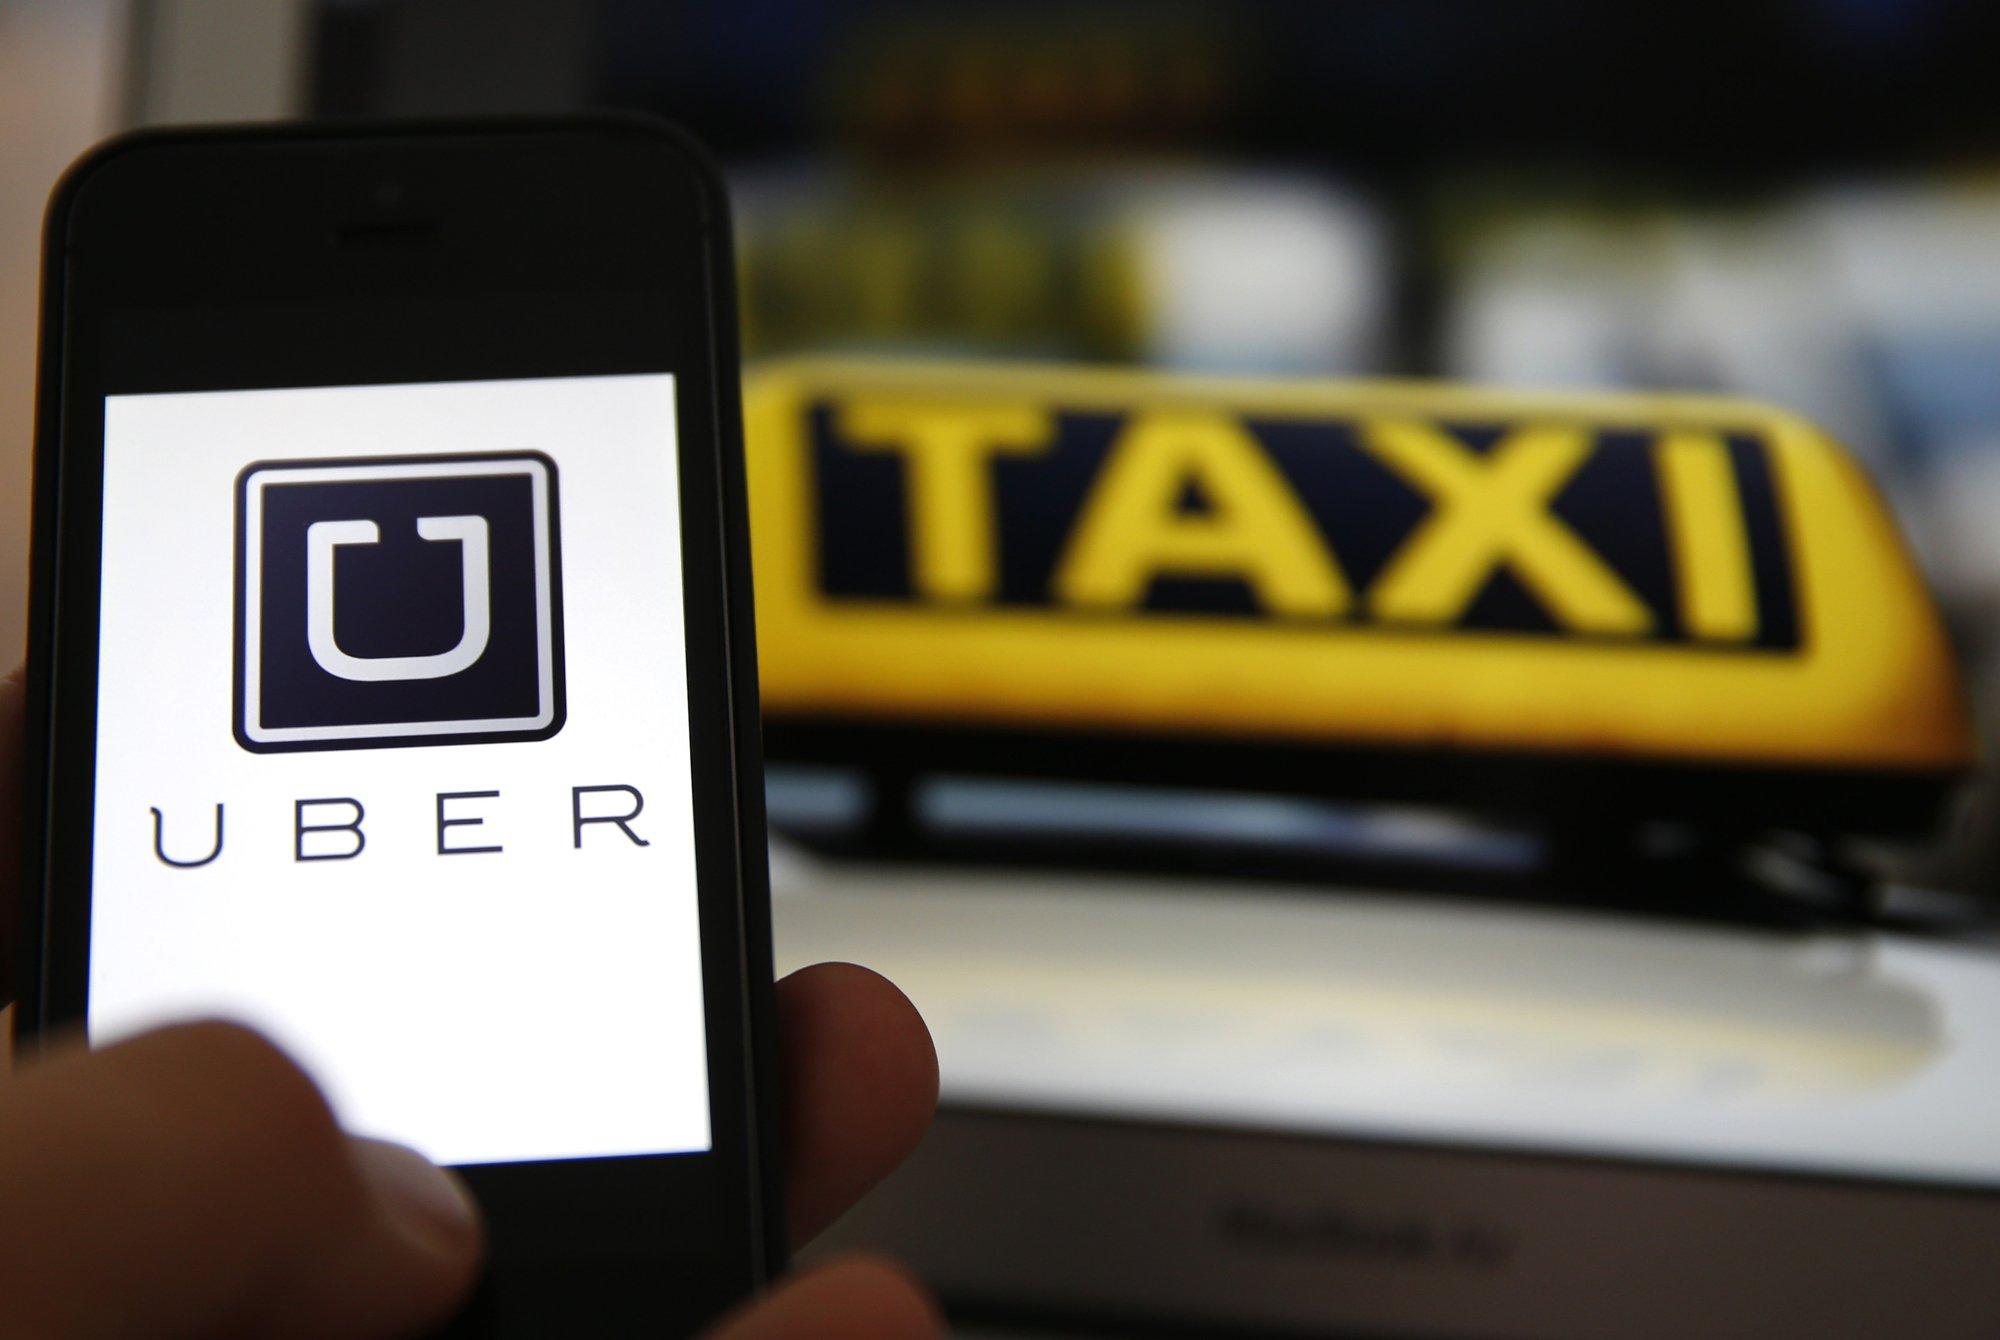 'Uber'in direktorlar şurası, şirkətin yeni CEO-nu təyin etdilər